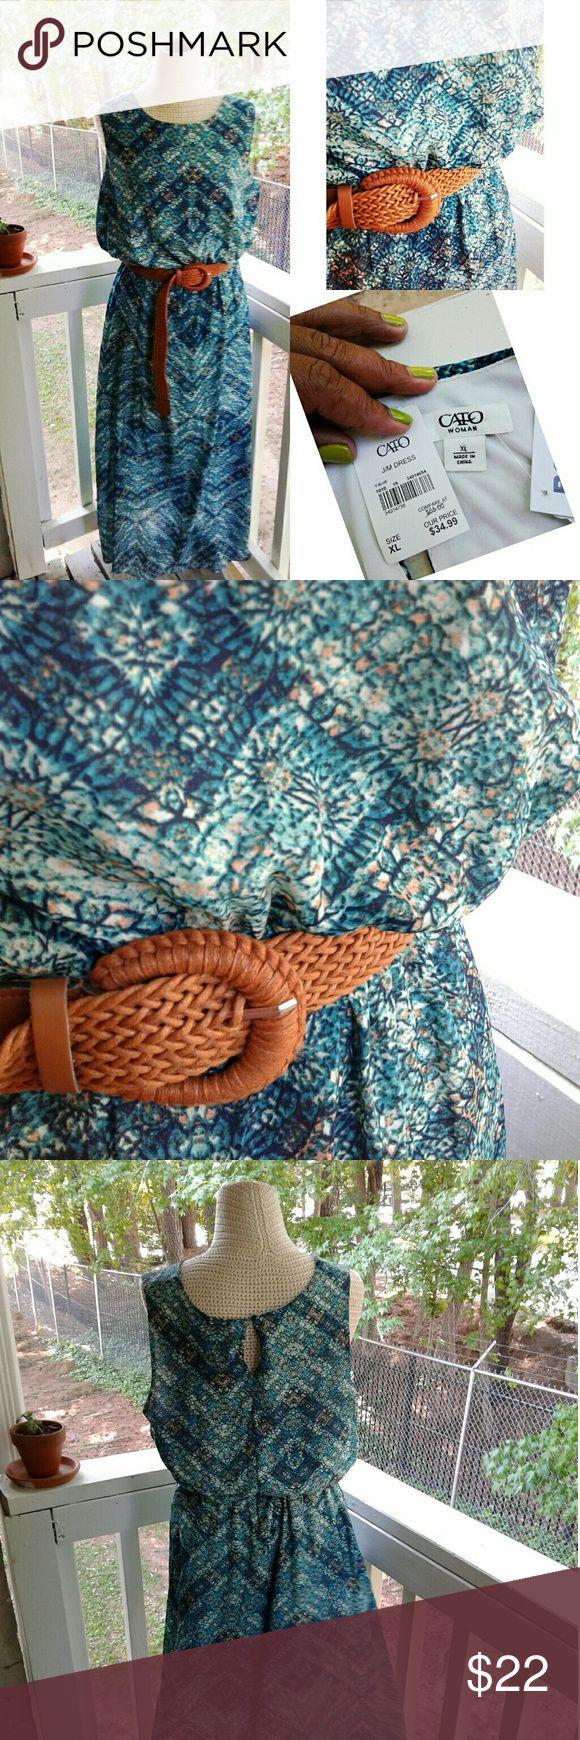 Aztec Print Maxi Dress w/belt Aztec Print Maxi Dress w/belt Cato Dresses Maxi